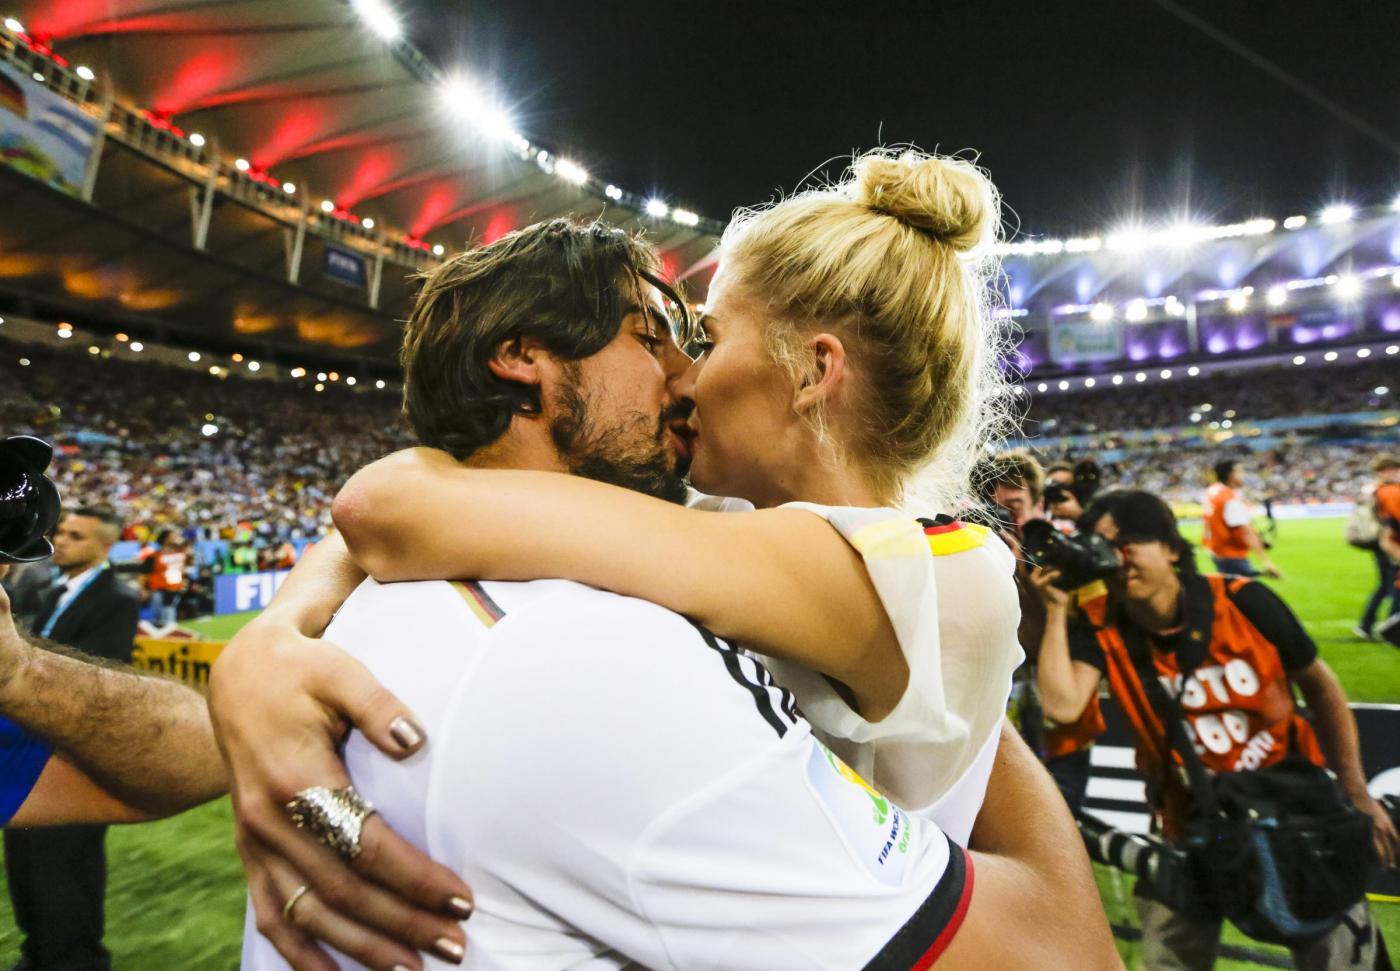 Mondiali 2014: le mogli dei calciatori tedeschi festeggiano la vittoria (foto)